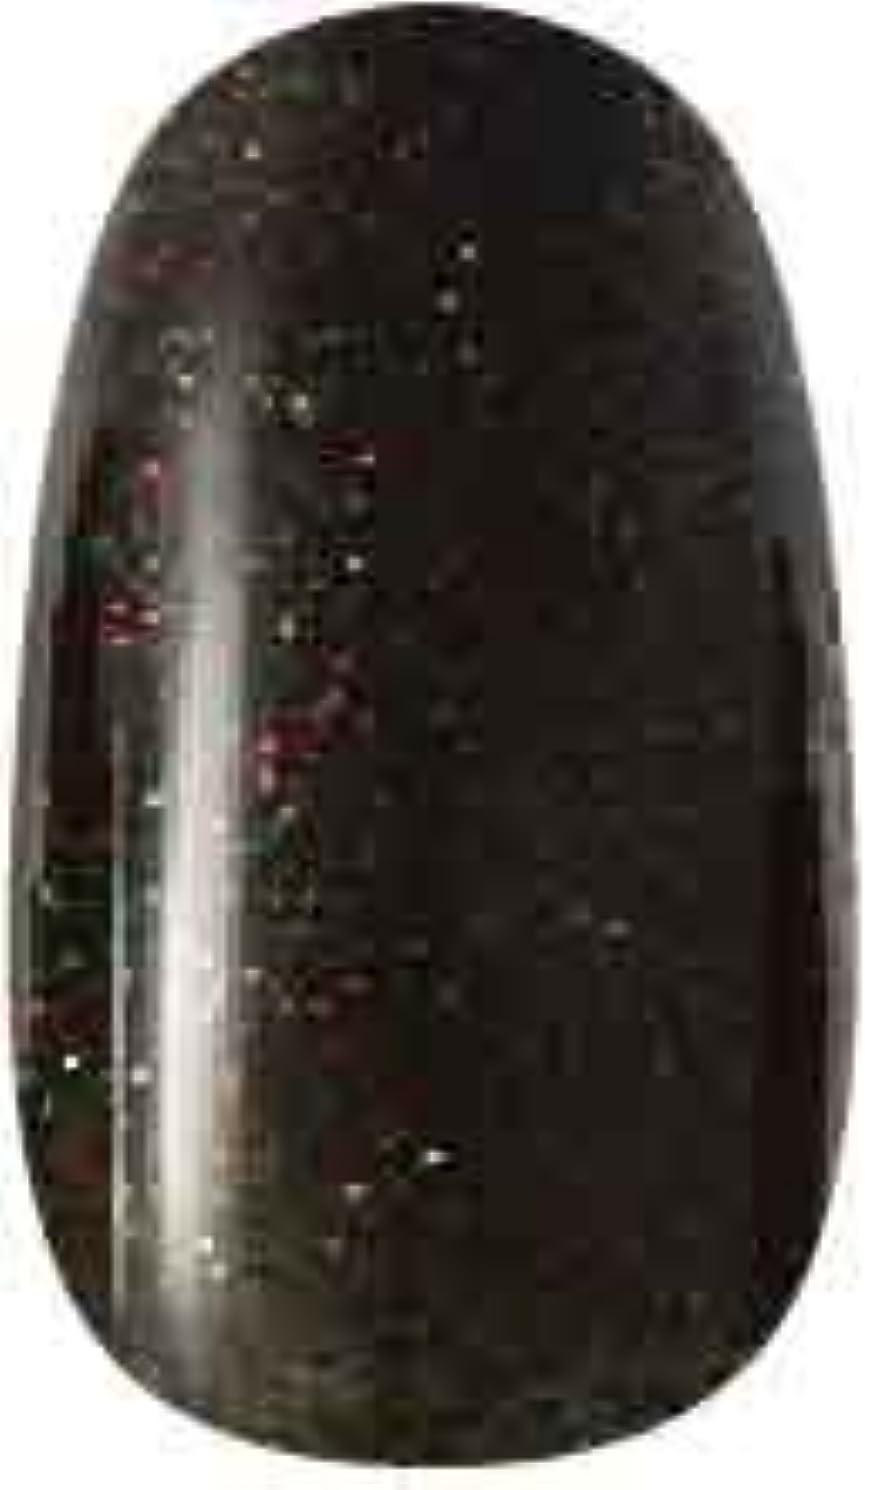 有毒な設計上がるラク カラージェル(83-コスモブラック) 8g 今話題のラクジェル 素早く仕上カラージェル 抜群の発色とツヤ 国産ポリッシュタイプ オールインワン ワンステップジェルネイル RAKU COLOR GEL #83